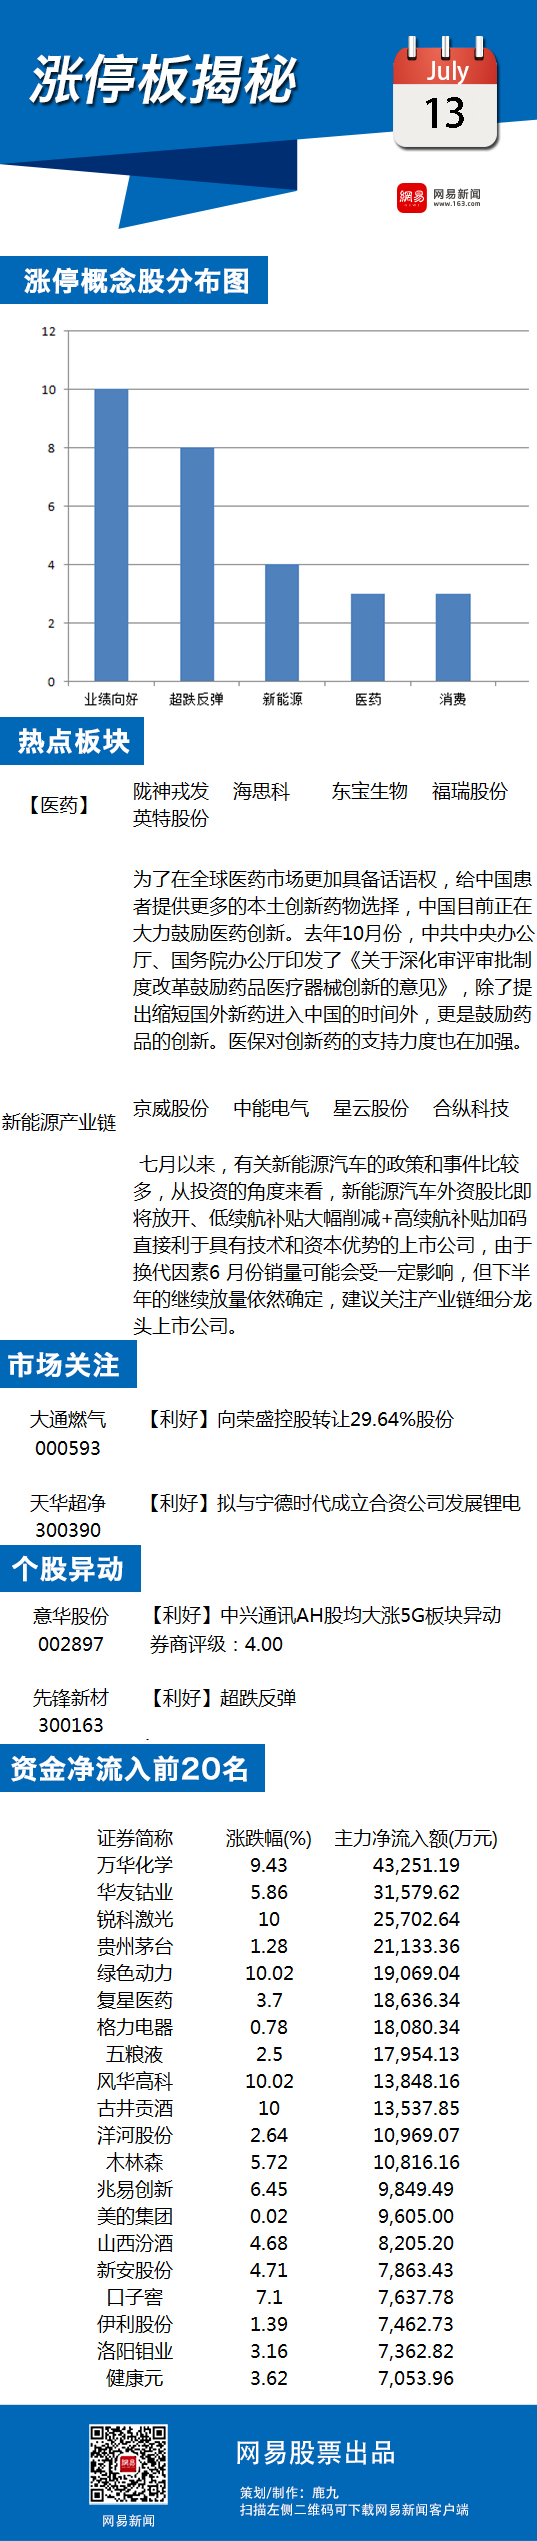 7月13日涨停板揭秘:医药股持续走强